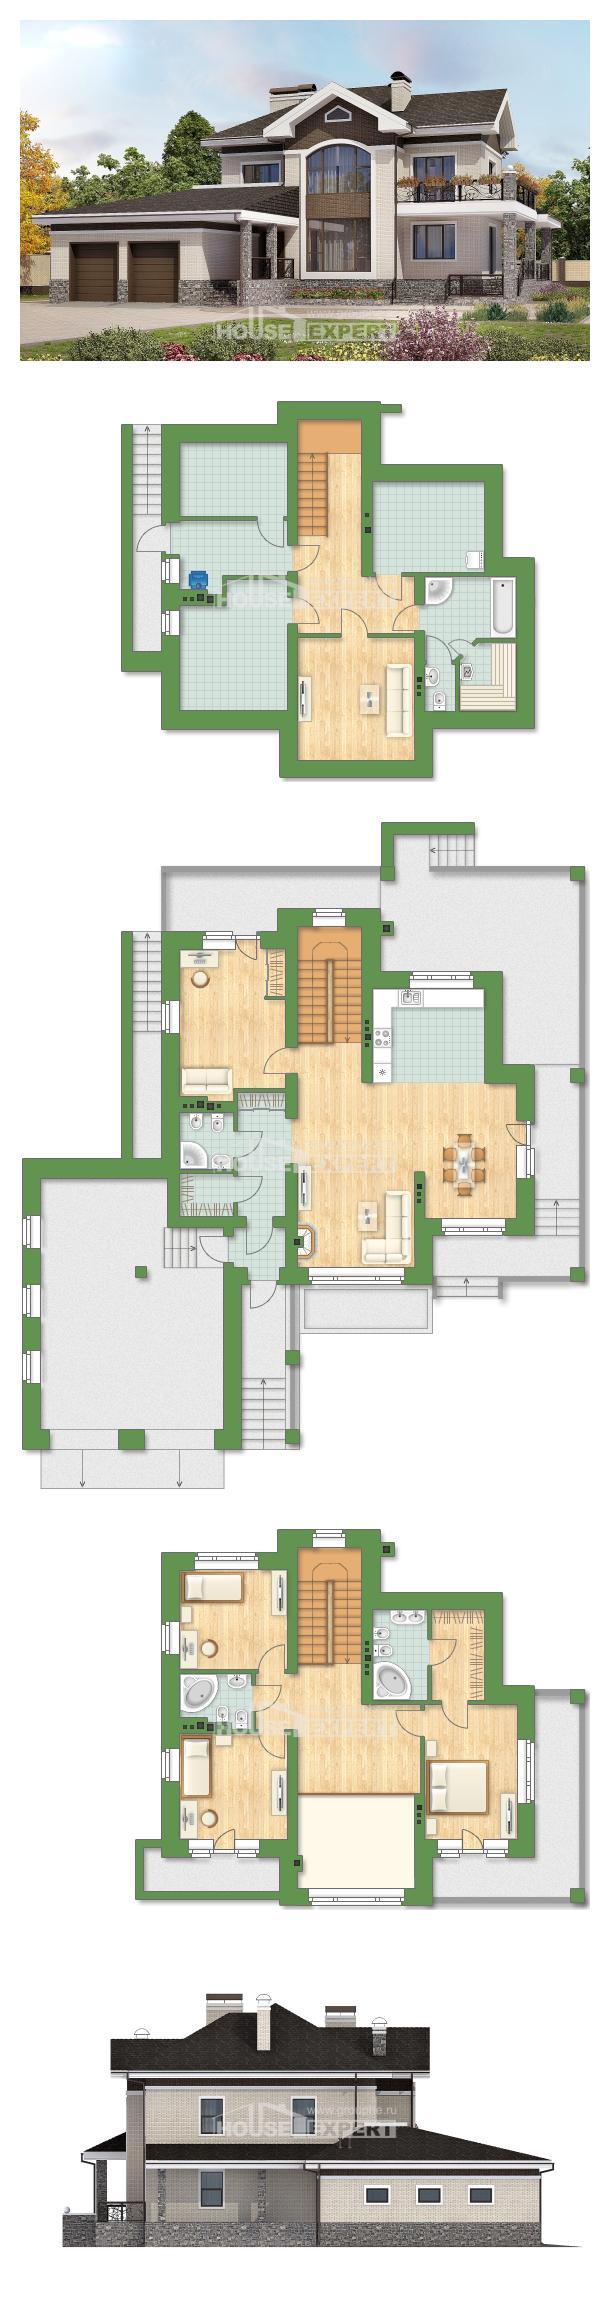 Plan 365-001-L   House Expert